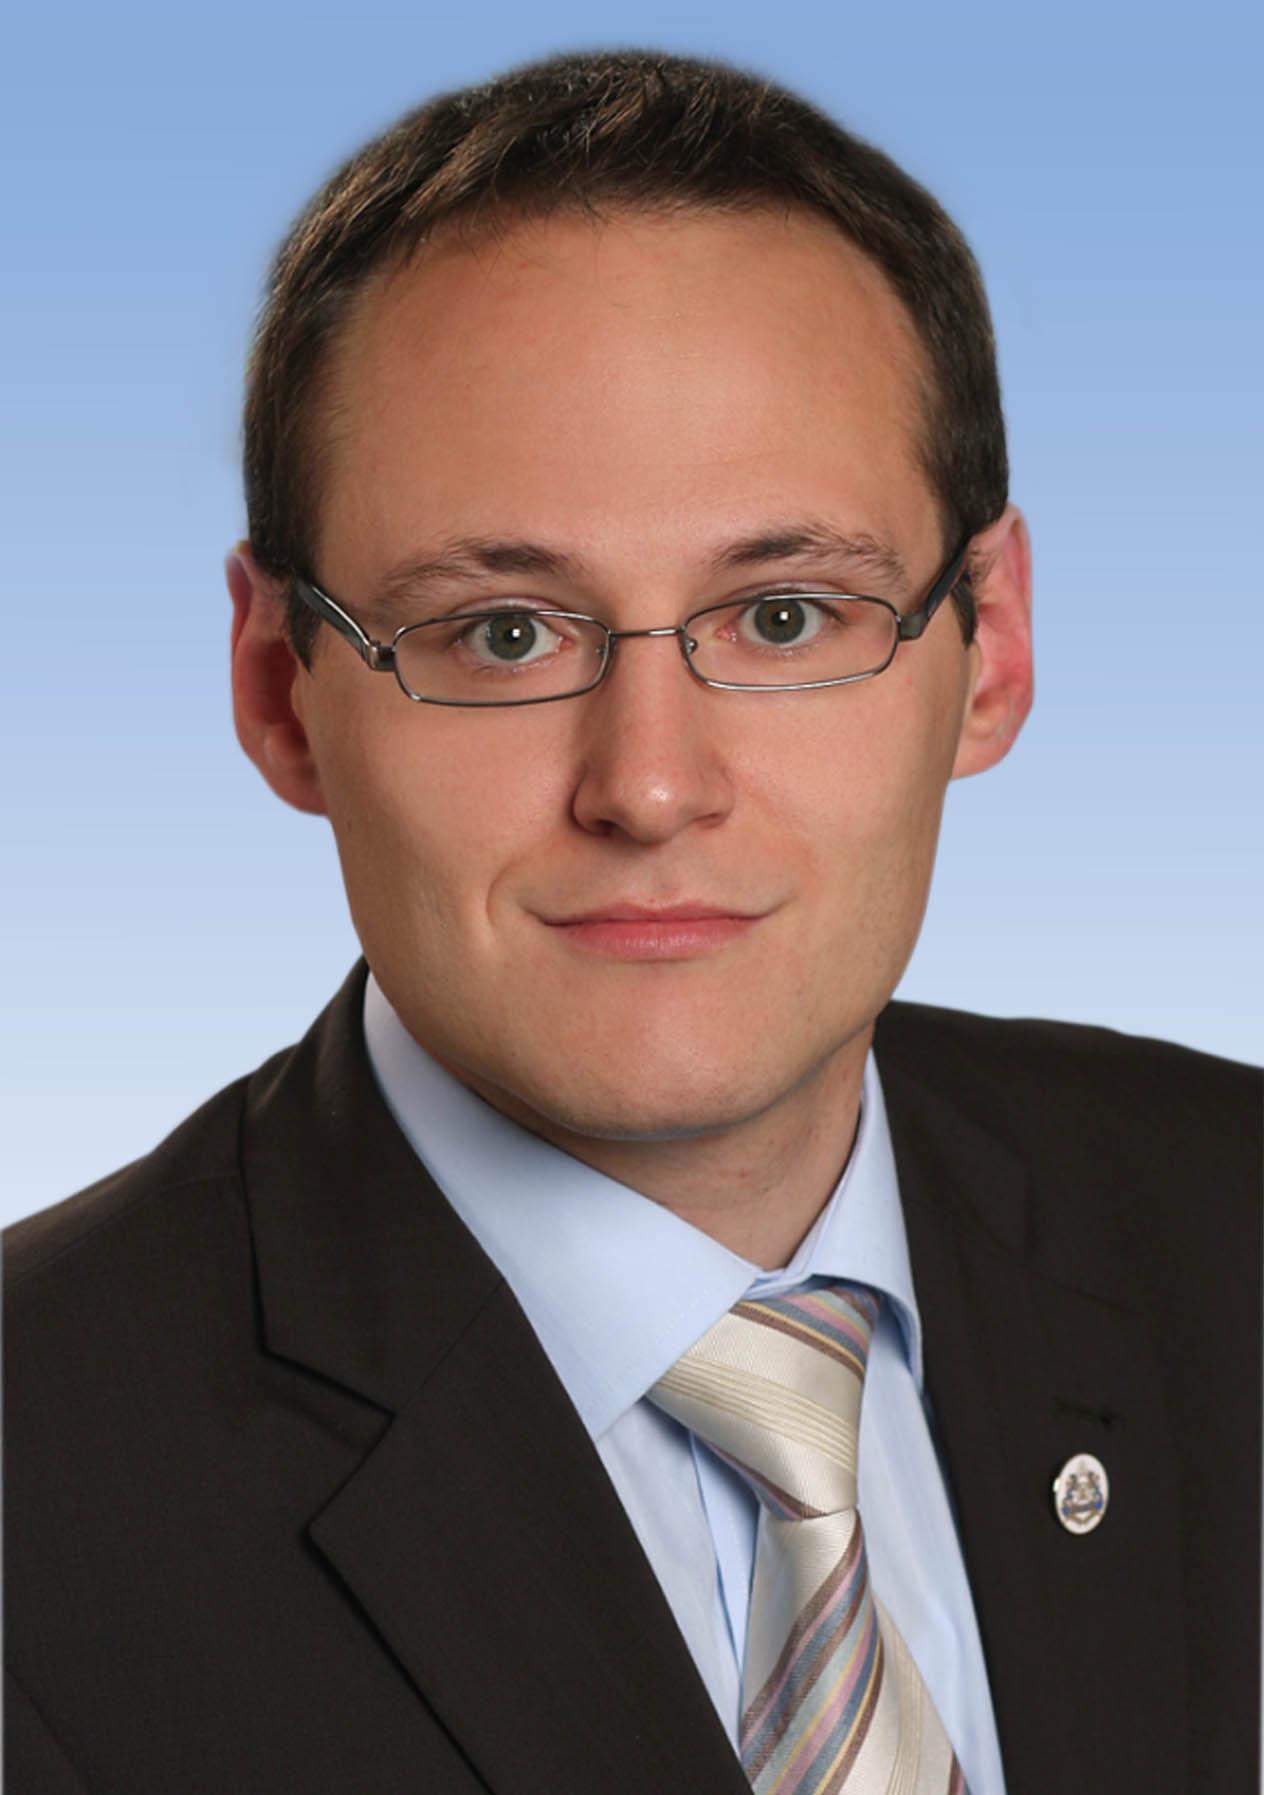 Dr. Josef Rampl